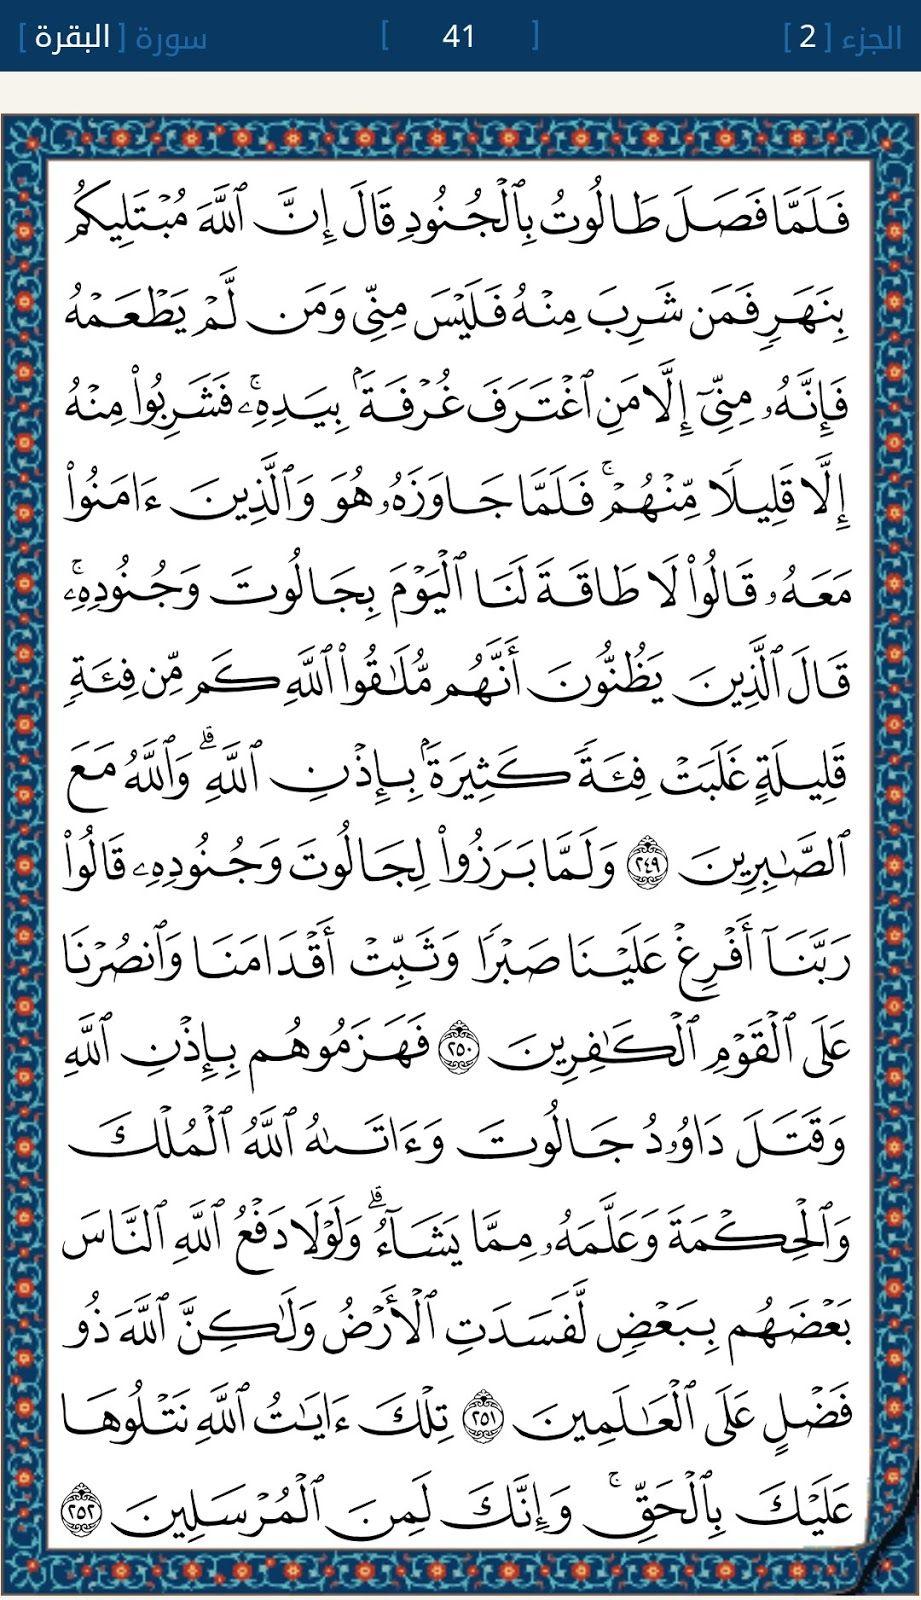 ٢٤٩ ٢٥٢ البقرة المصحف المرتل صفحات تلاوة عبد الباسط عبد الصمد Quran Book Holy Quran Book Architecture Collection